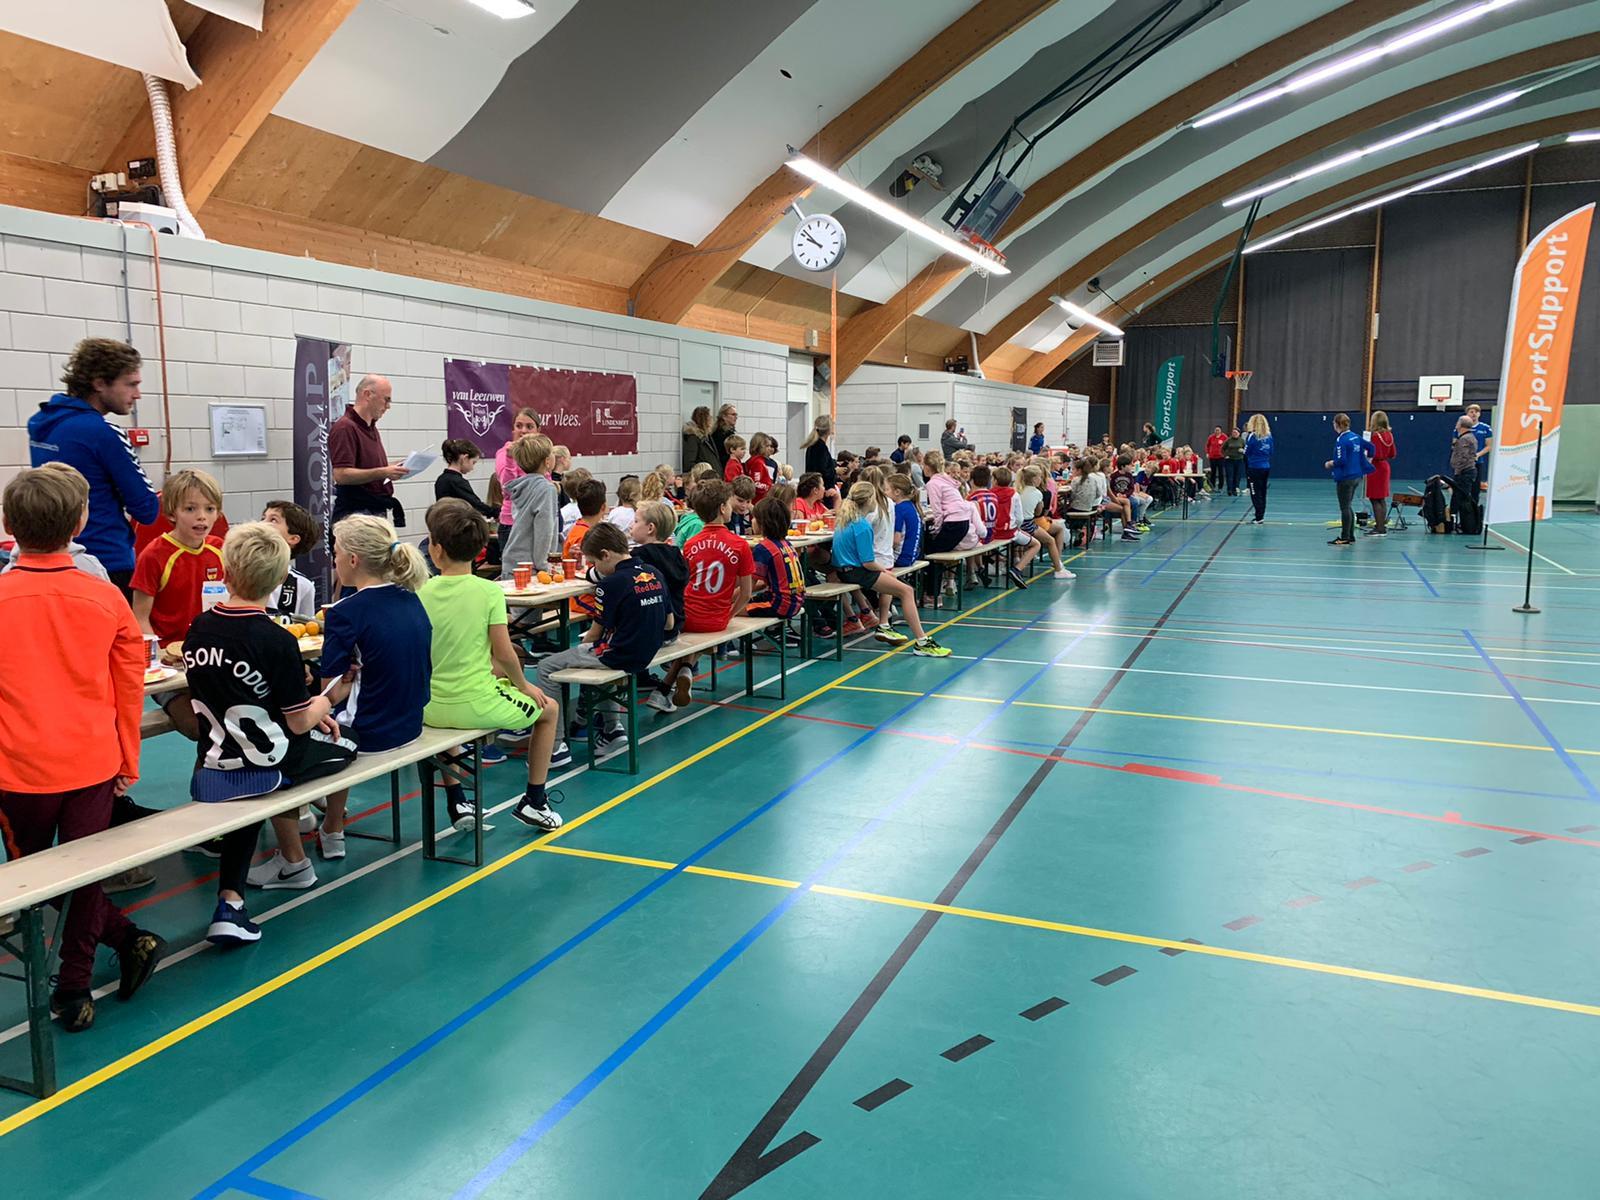 Heerlijk ontbijten en fanatiek sporten tijdens het Sportontbijt in Bloemendaal